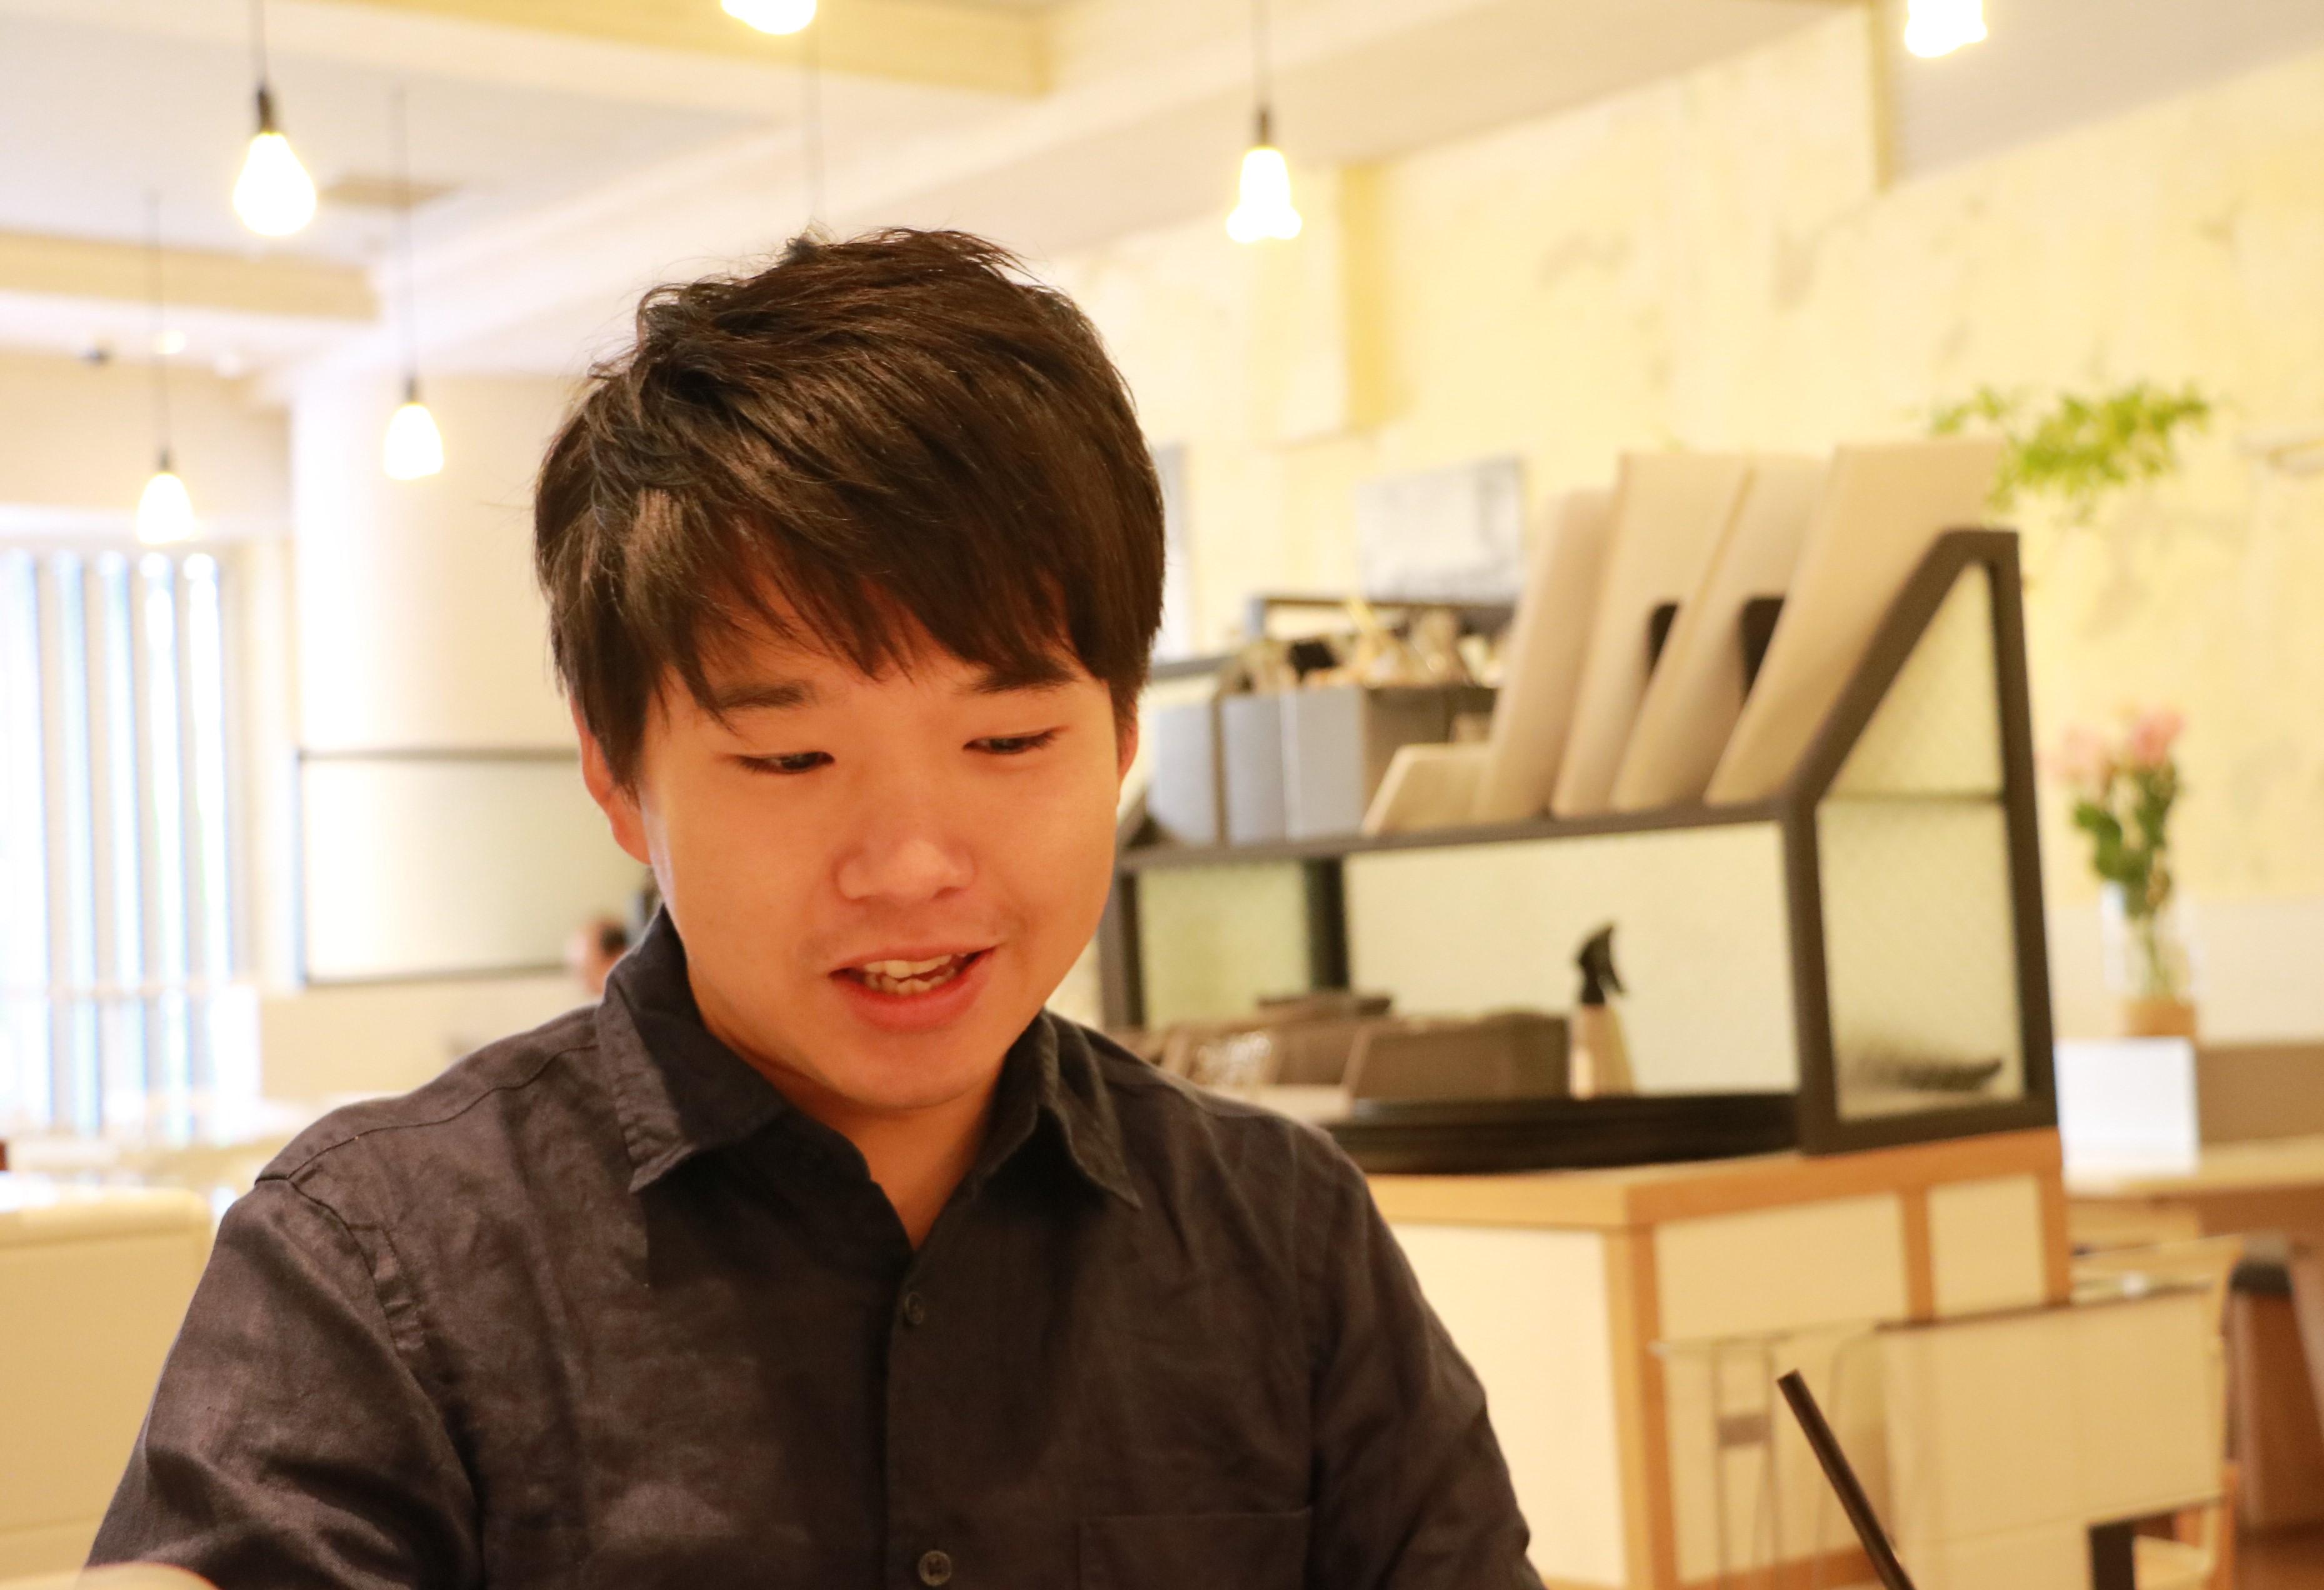 【インタビュー】後編:複業家・西村創一朗氏が語る、「パラレルキャリア」と企業の幸…